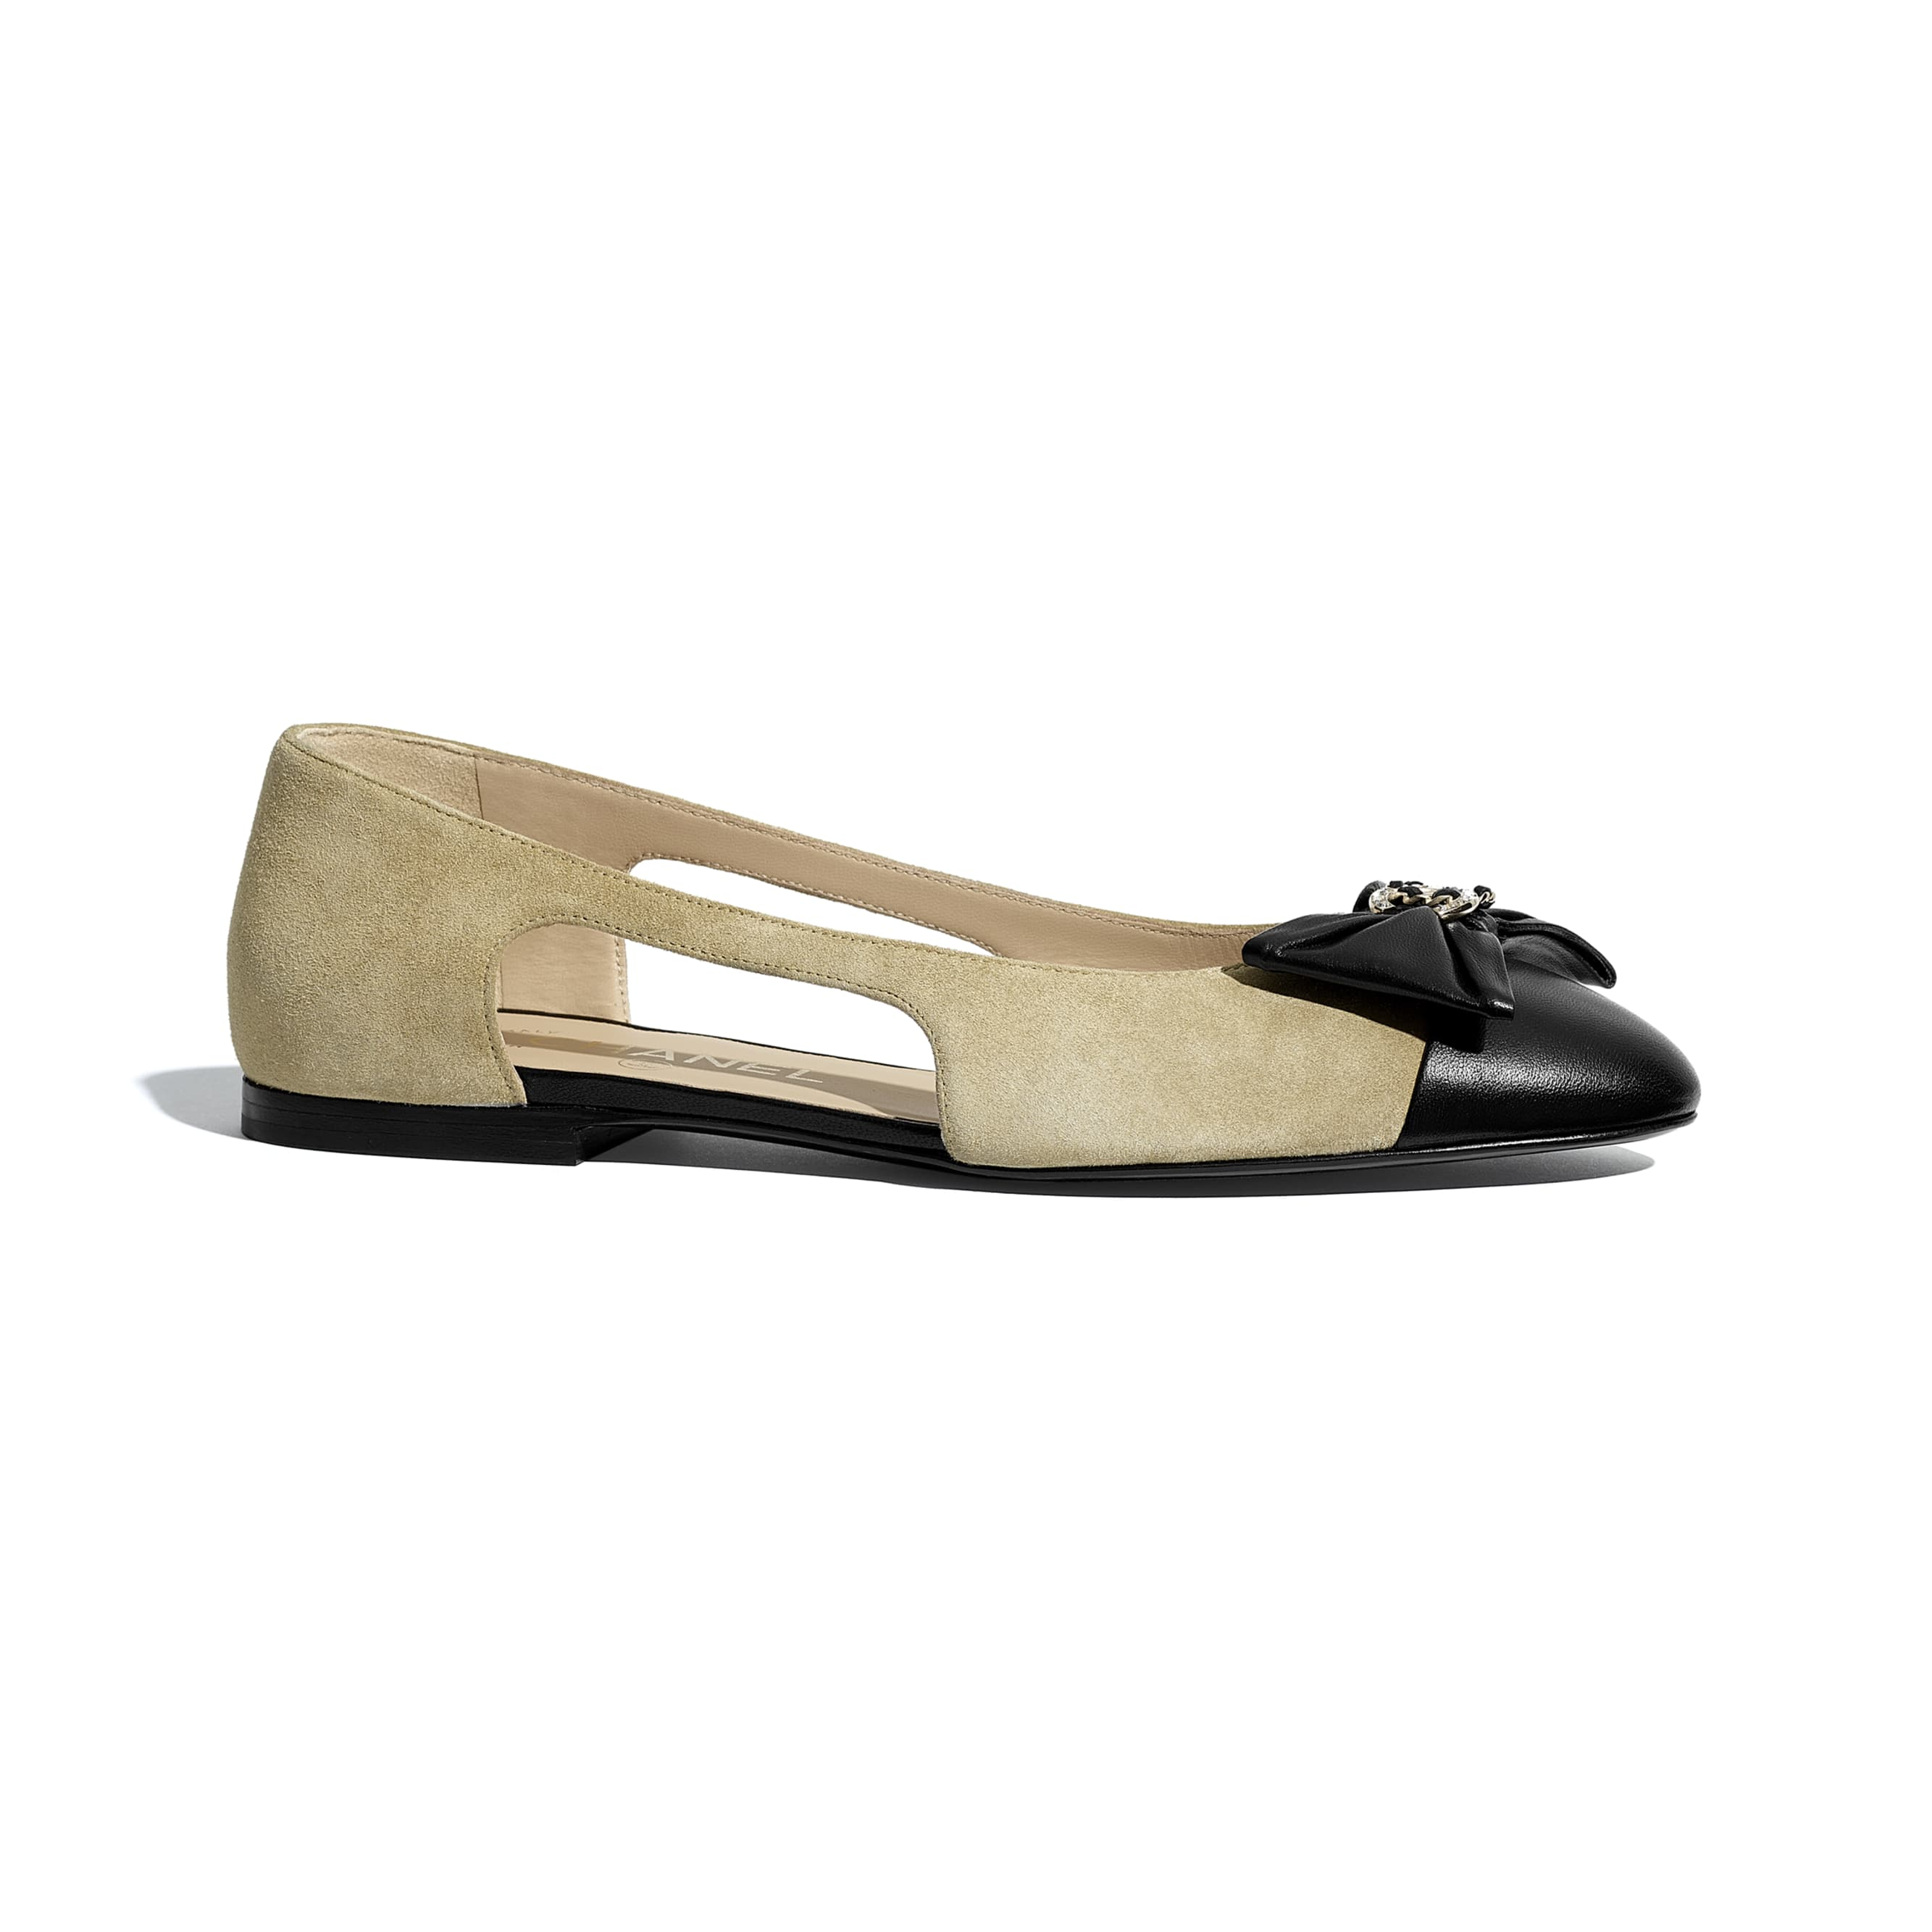 Bailarinas - Beige y negro - Piel de ternera suave y piel de cordero - CHANEL - Vista por defecto - ver la versión tamaño estándar